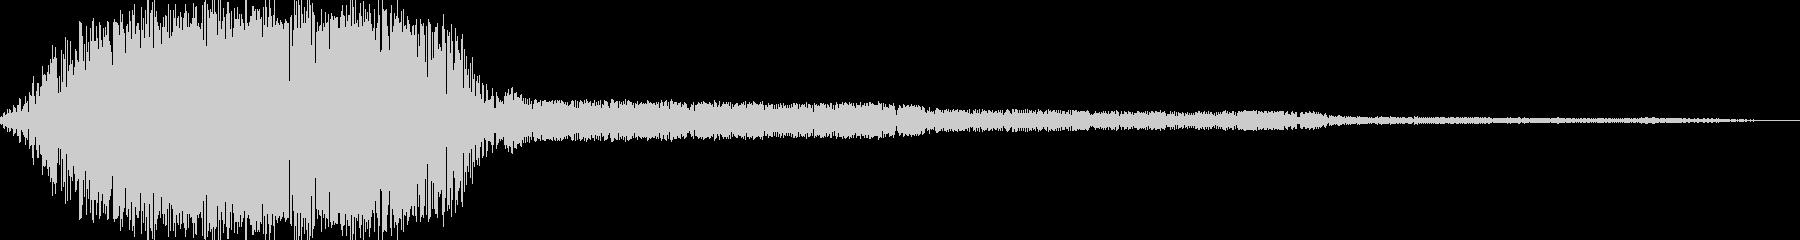 AMGアナログFX 6の未再生の波形